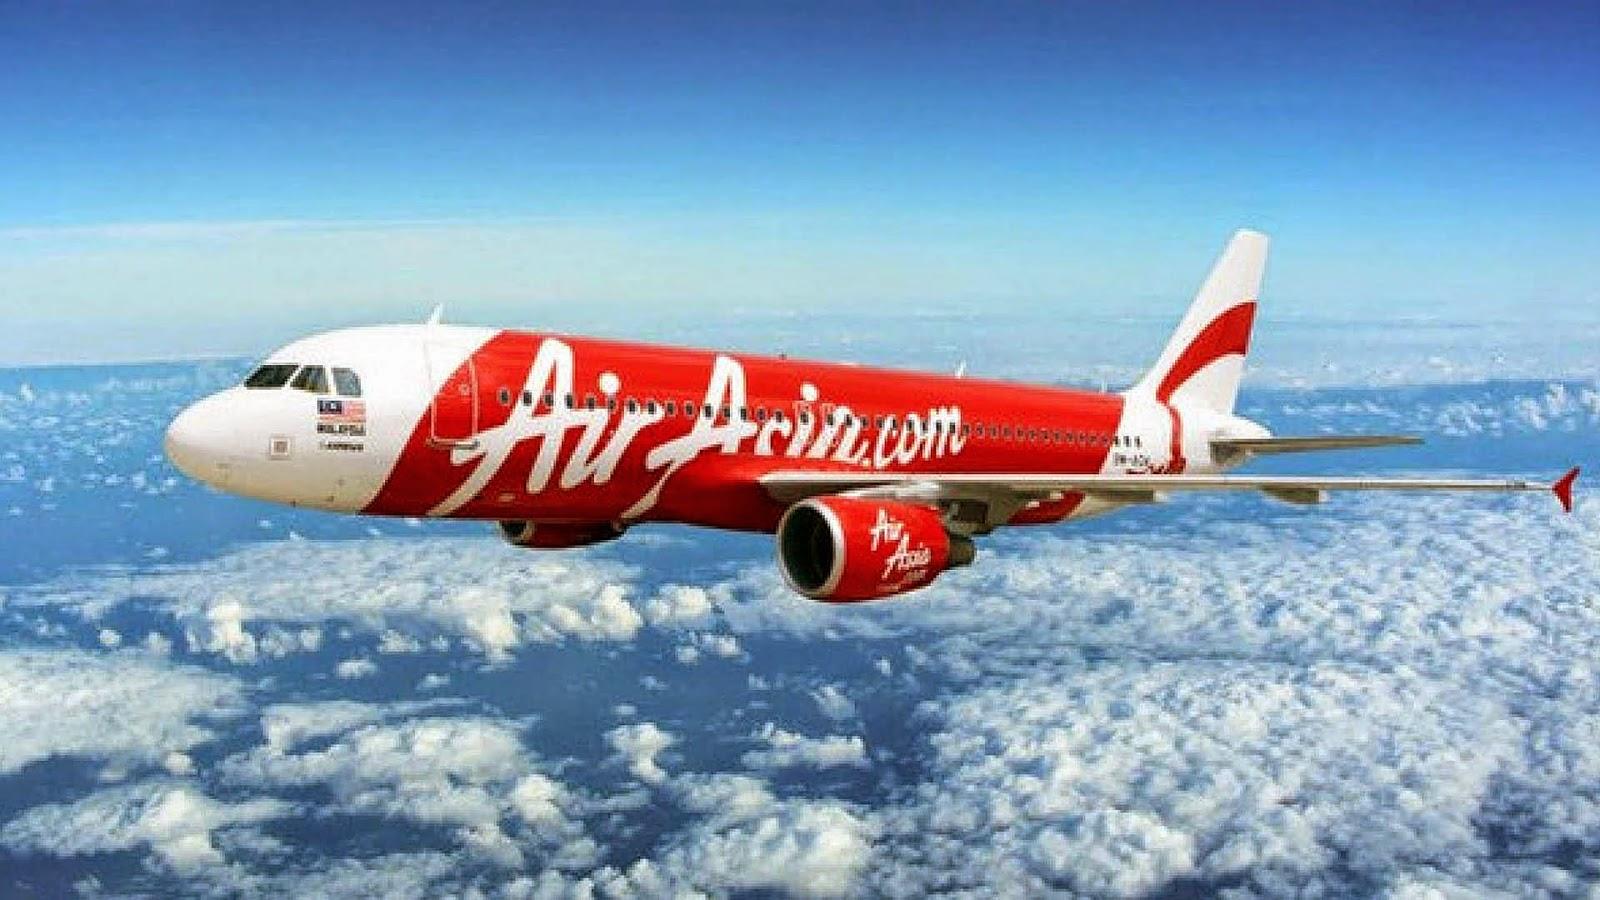 Meneer Tour And Travel Daftar Promo Tiket Pesawat Tanggal 1 Februari 2015